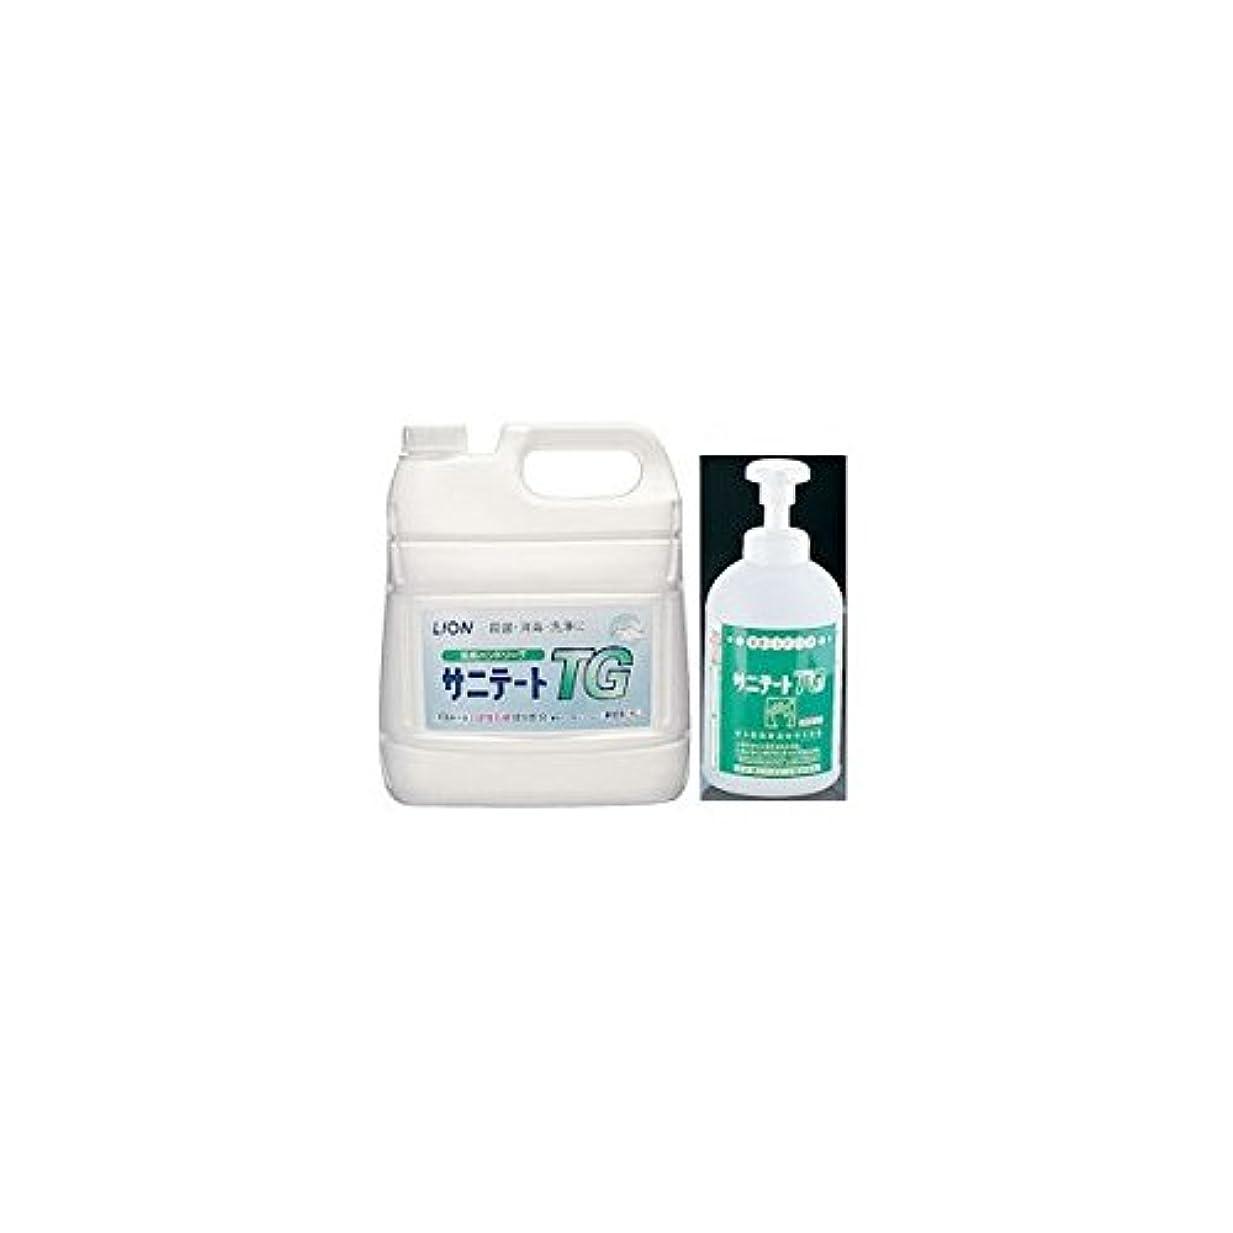 広くステートメント助けになるライオン薬用ハンドソープ サニテートTG 4L 700ML泡ポンプ付 【品番】JHV3001